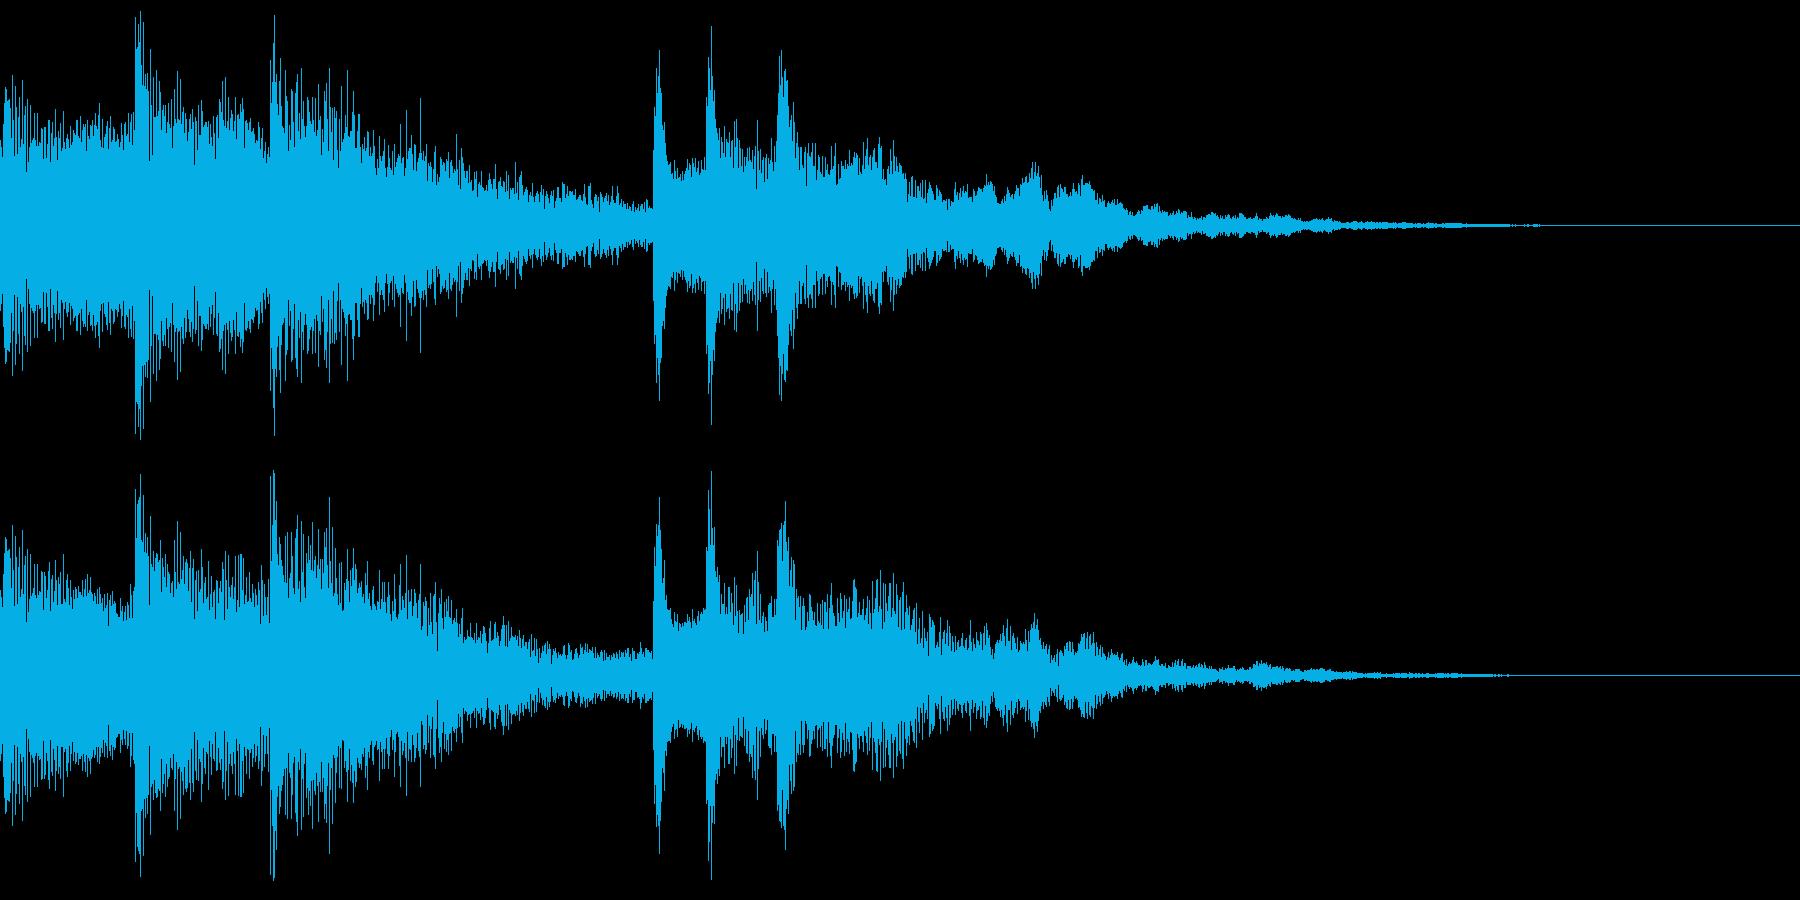 場面転換に合いそうなジングルの再生済みの波形